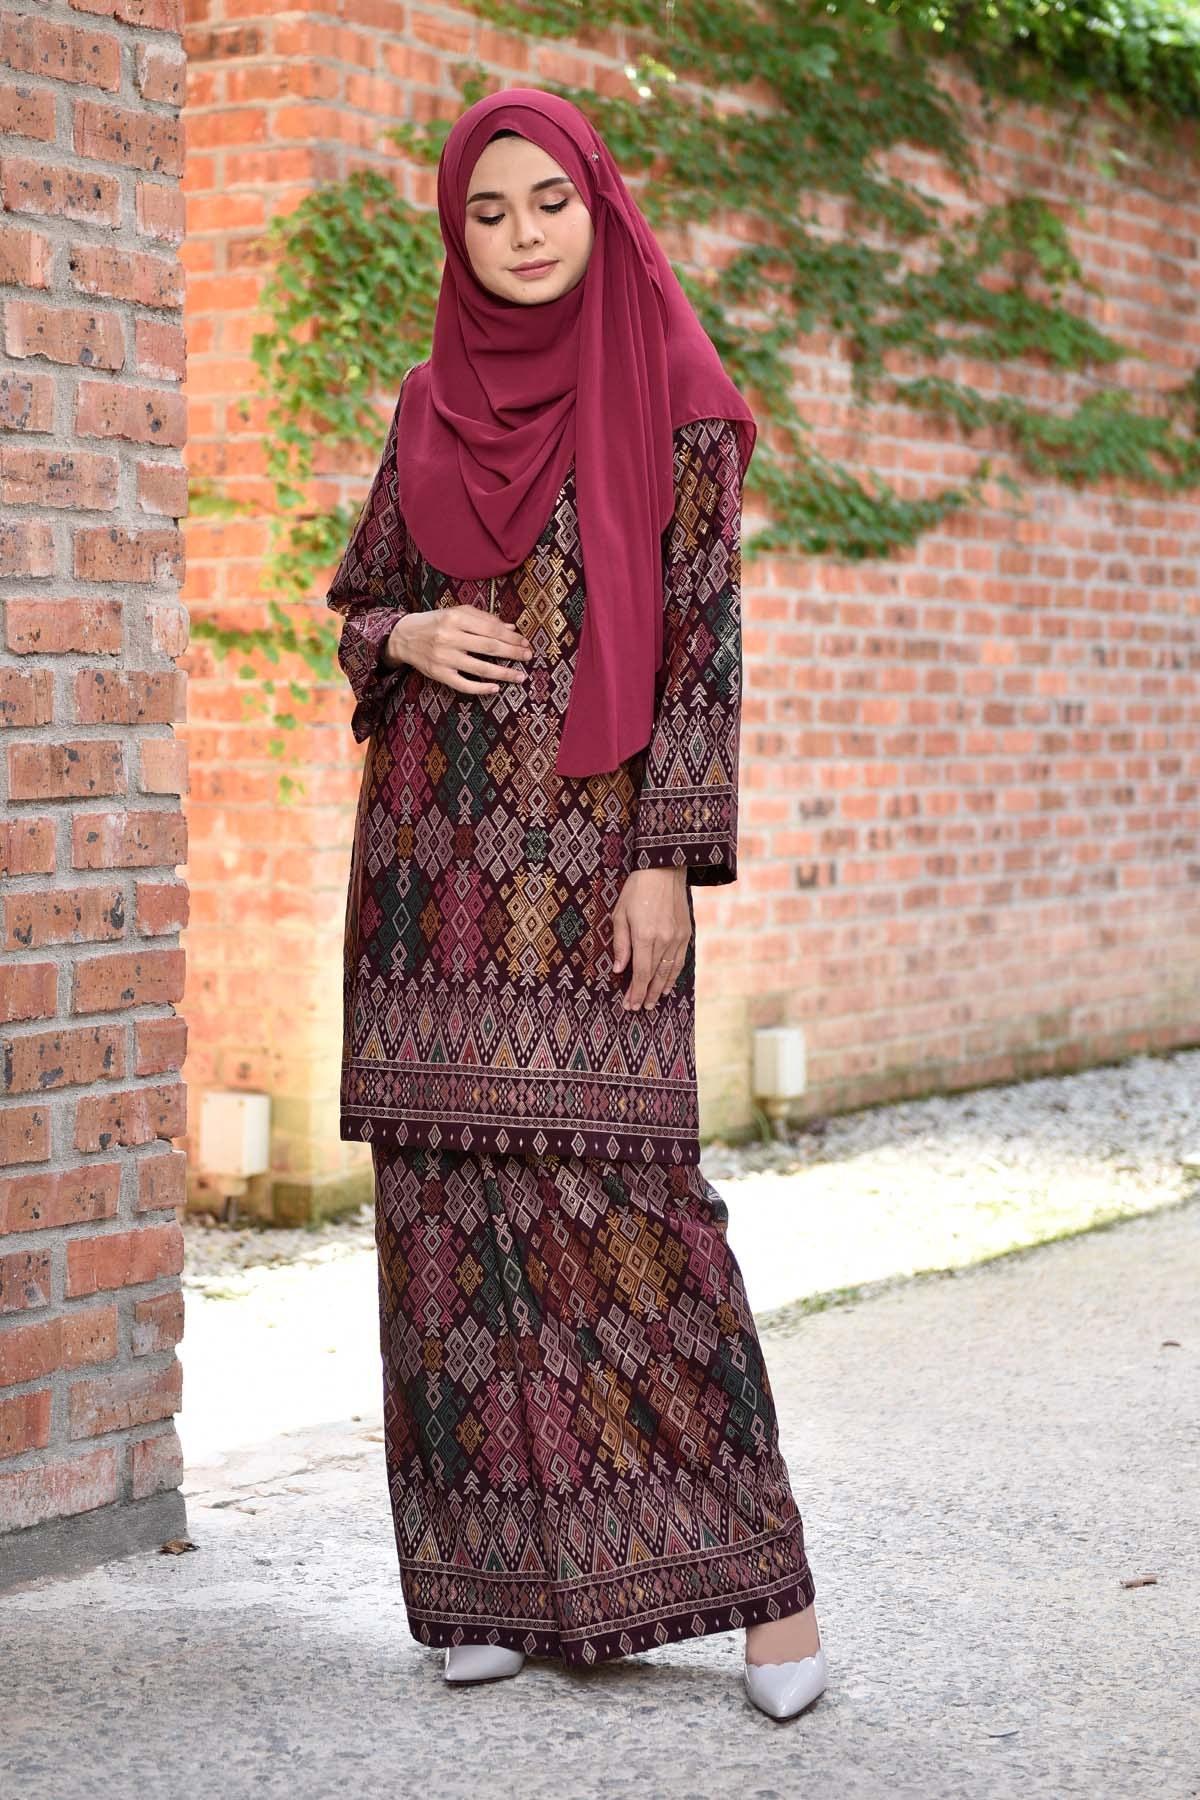 Model Model Baju Bridesmaid Hijab D0dg Baju Kurung songket Luella Deep Maroon